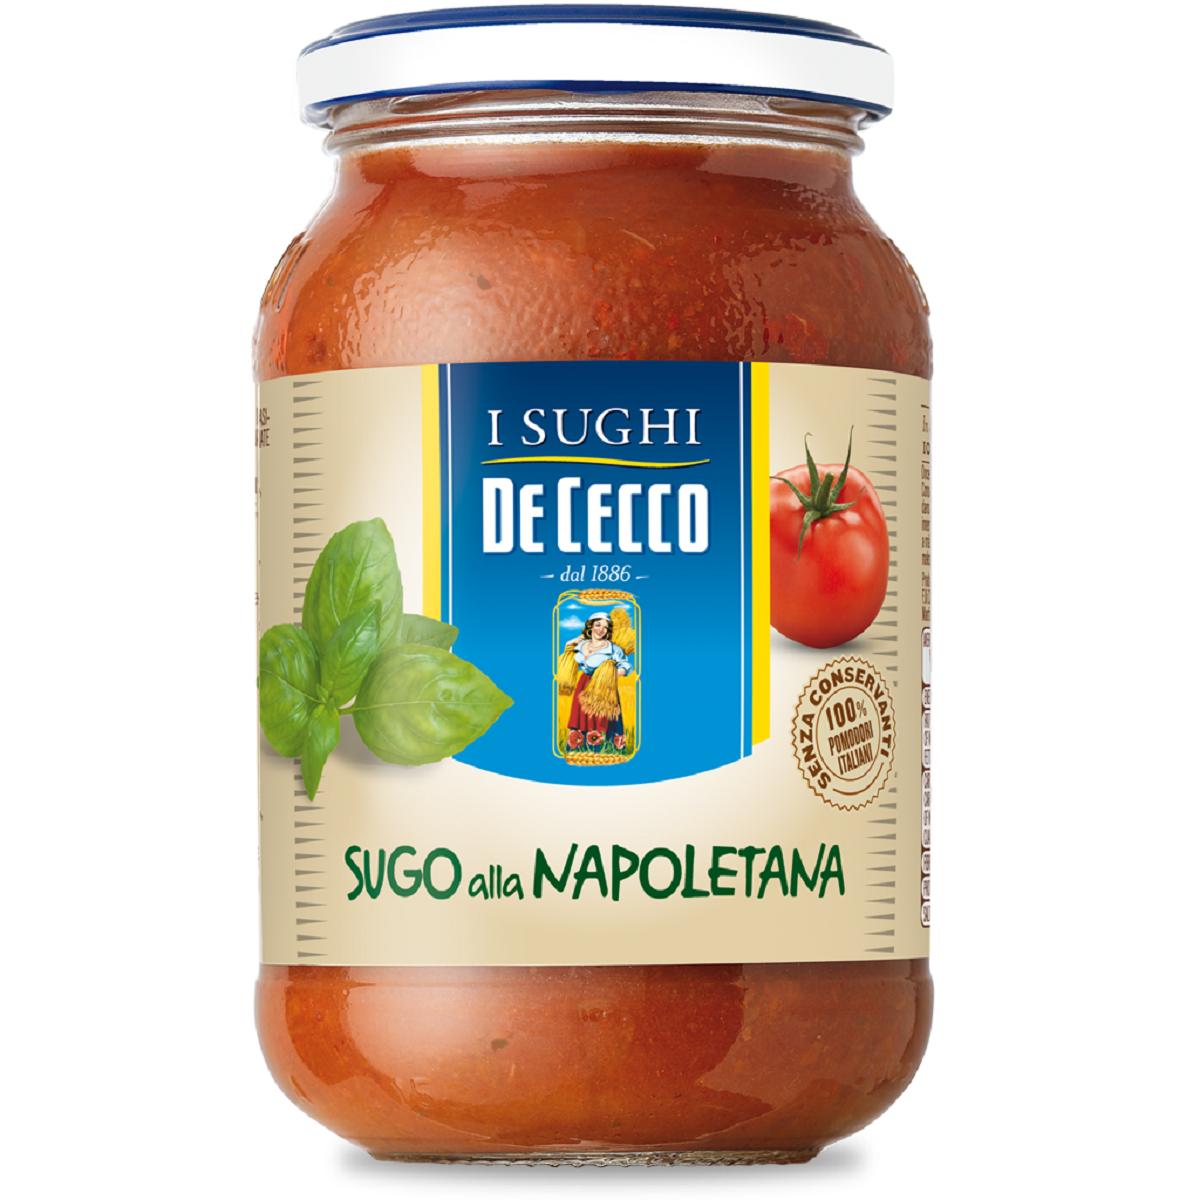 De_Cecco_Sugo_alla_Napoletana_200g